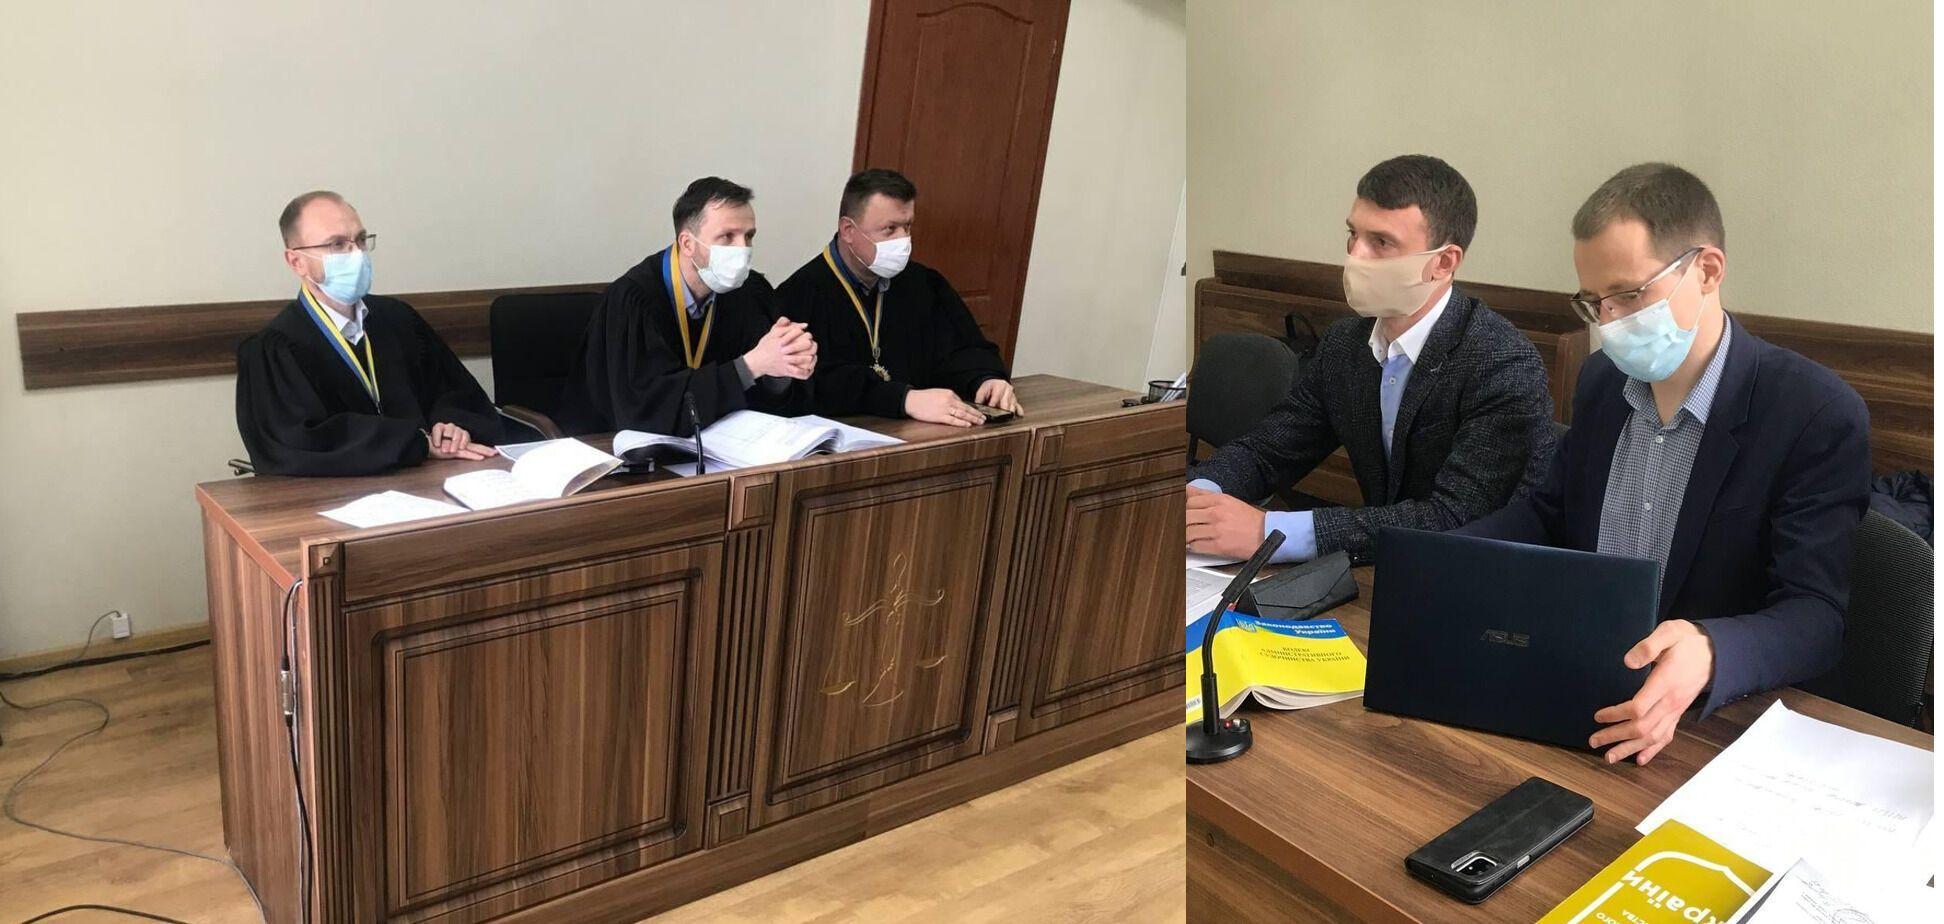 Під час засідання Івано-Франківського окружного адміністративного суду